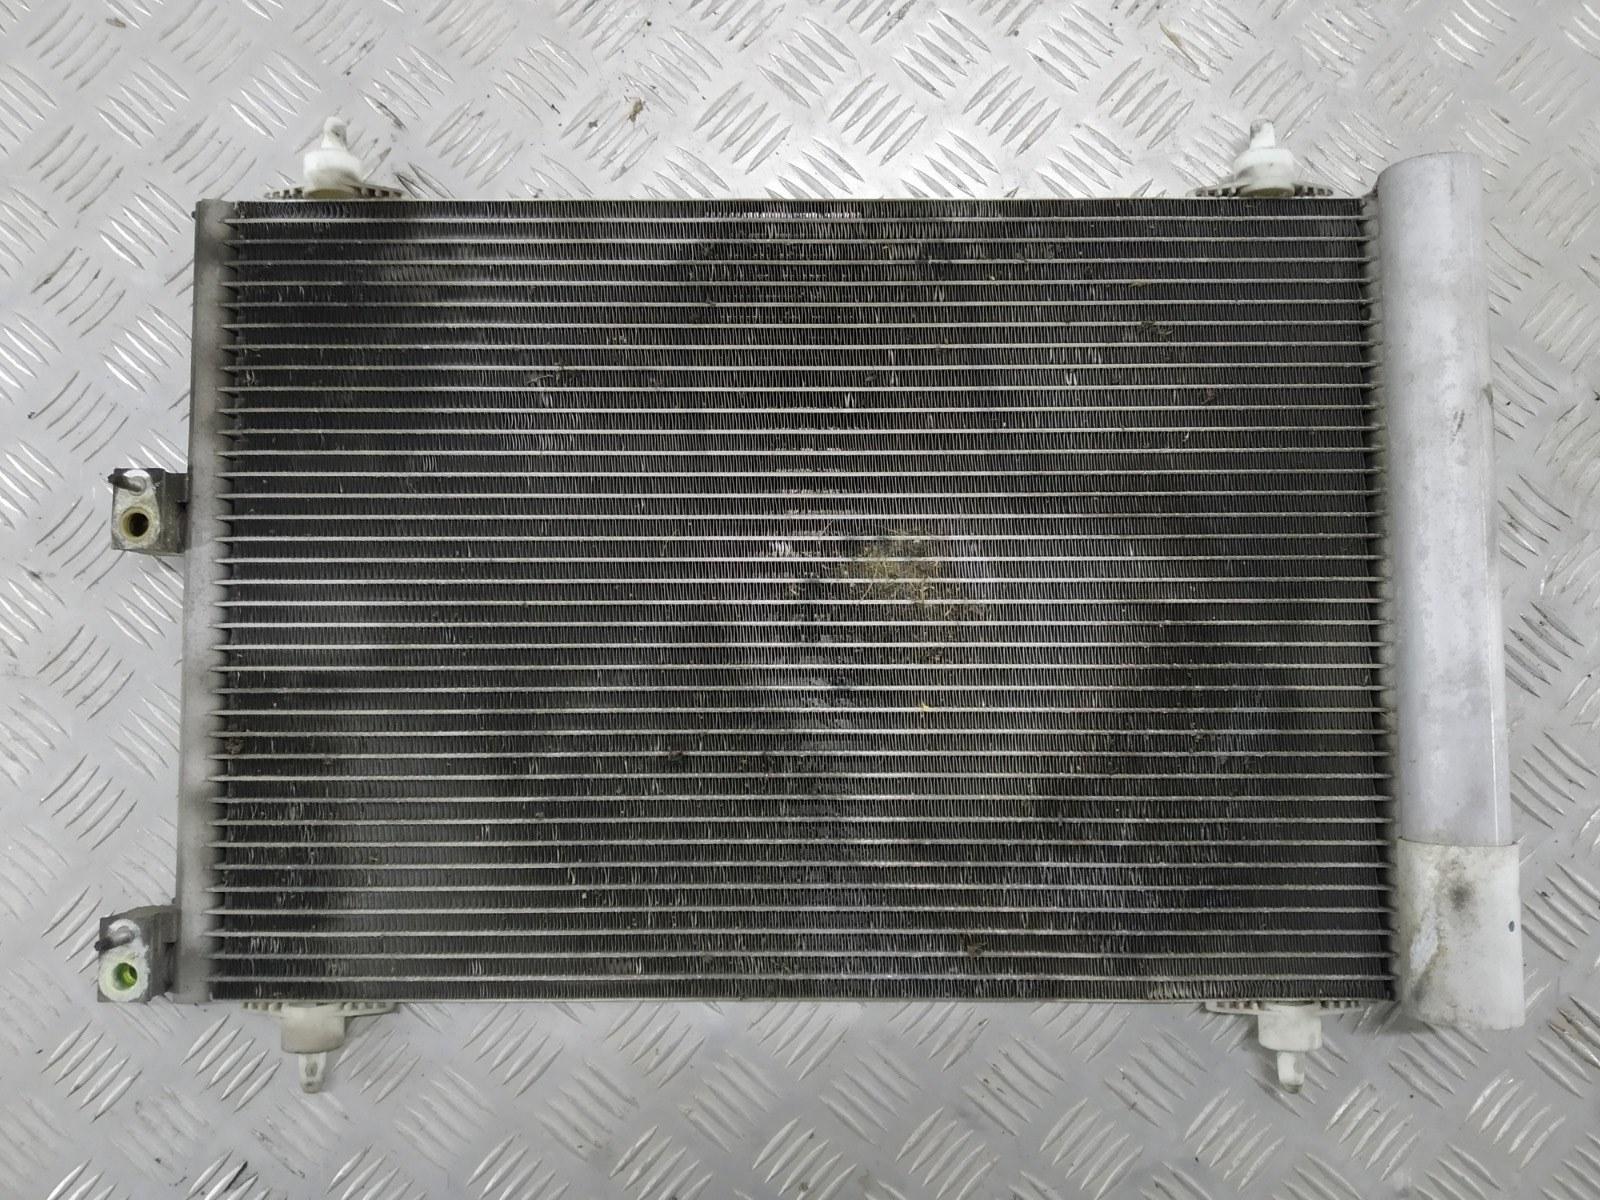 Радиатор кондиционера Citroen Xsara Picasso 1.6 HDI 2006 (б/у)